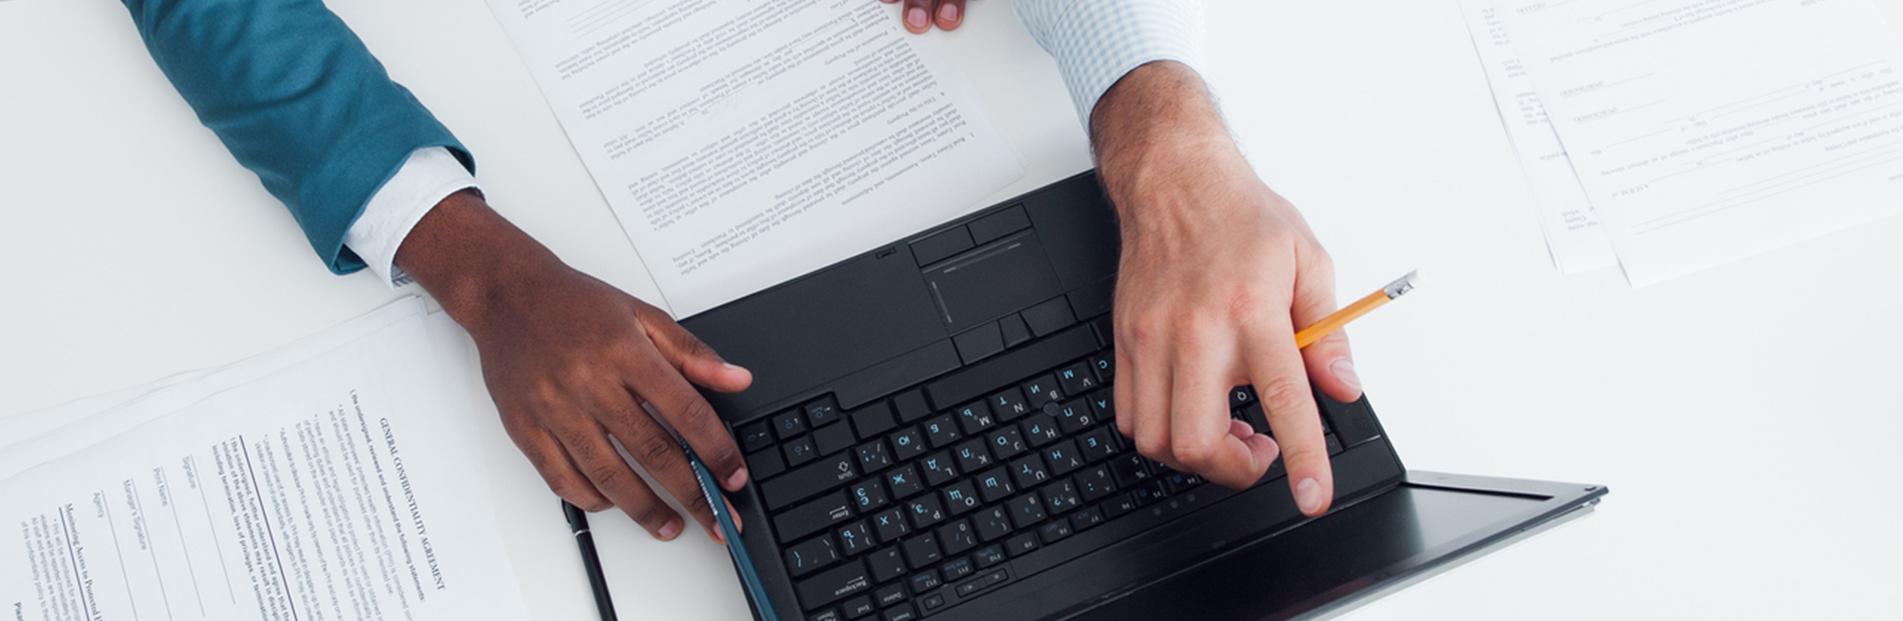 le blog mon cdi   conseils pour une recherche d u0026 39 emploi